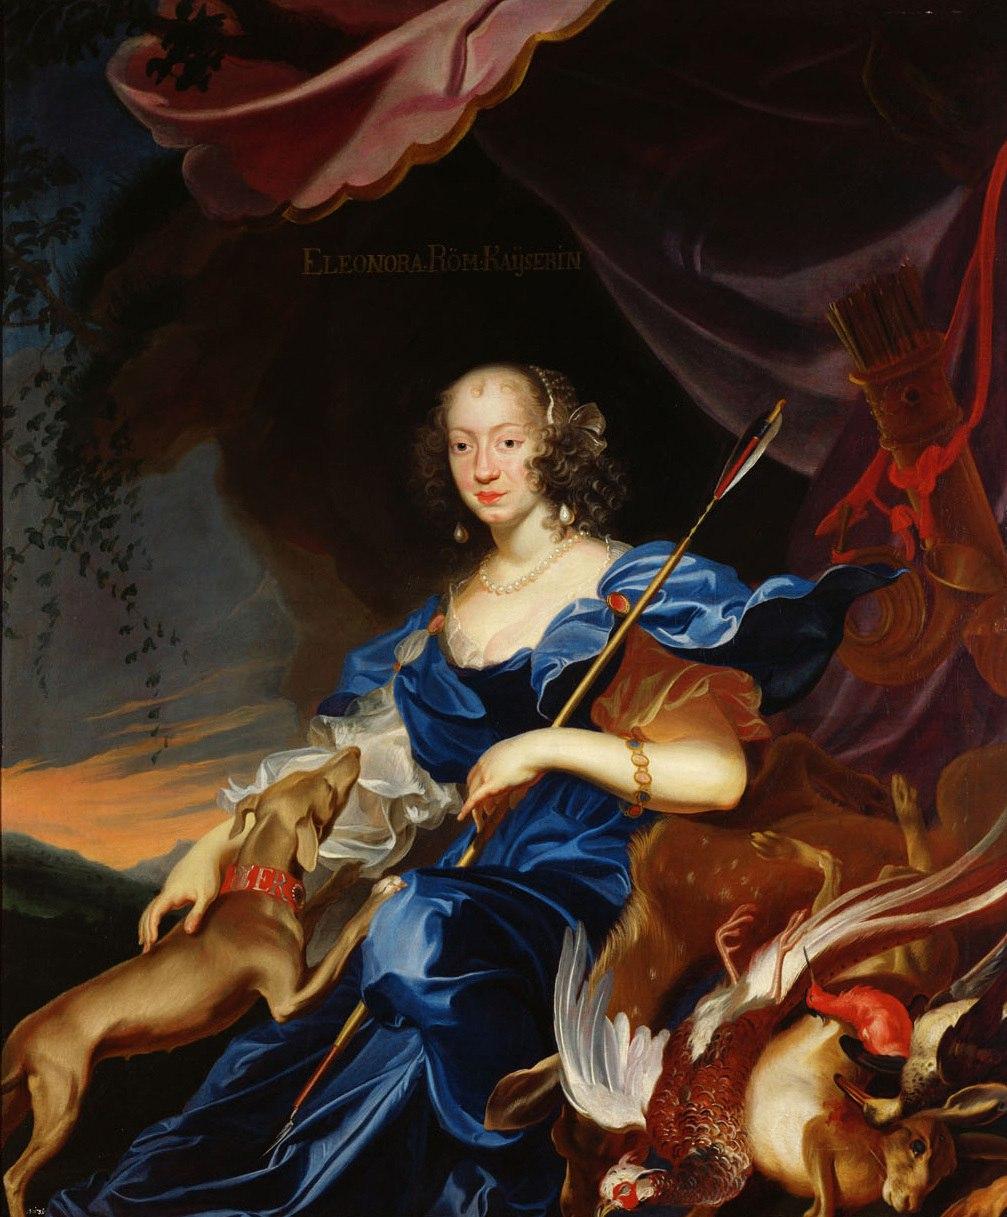 Элеонора Гонзага на портретах работы Франса Лёйкса